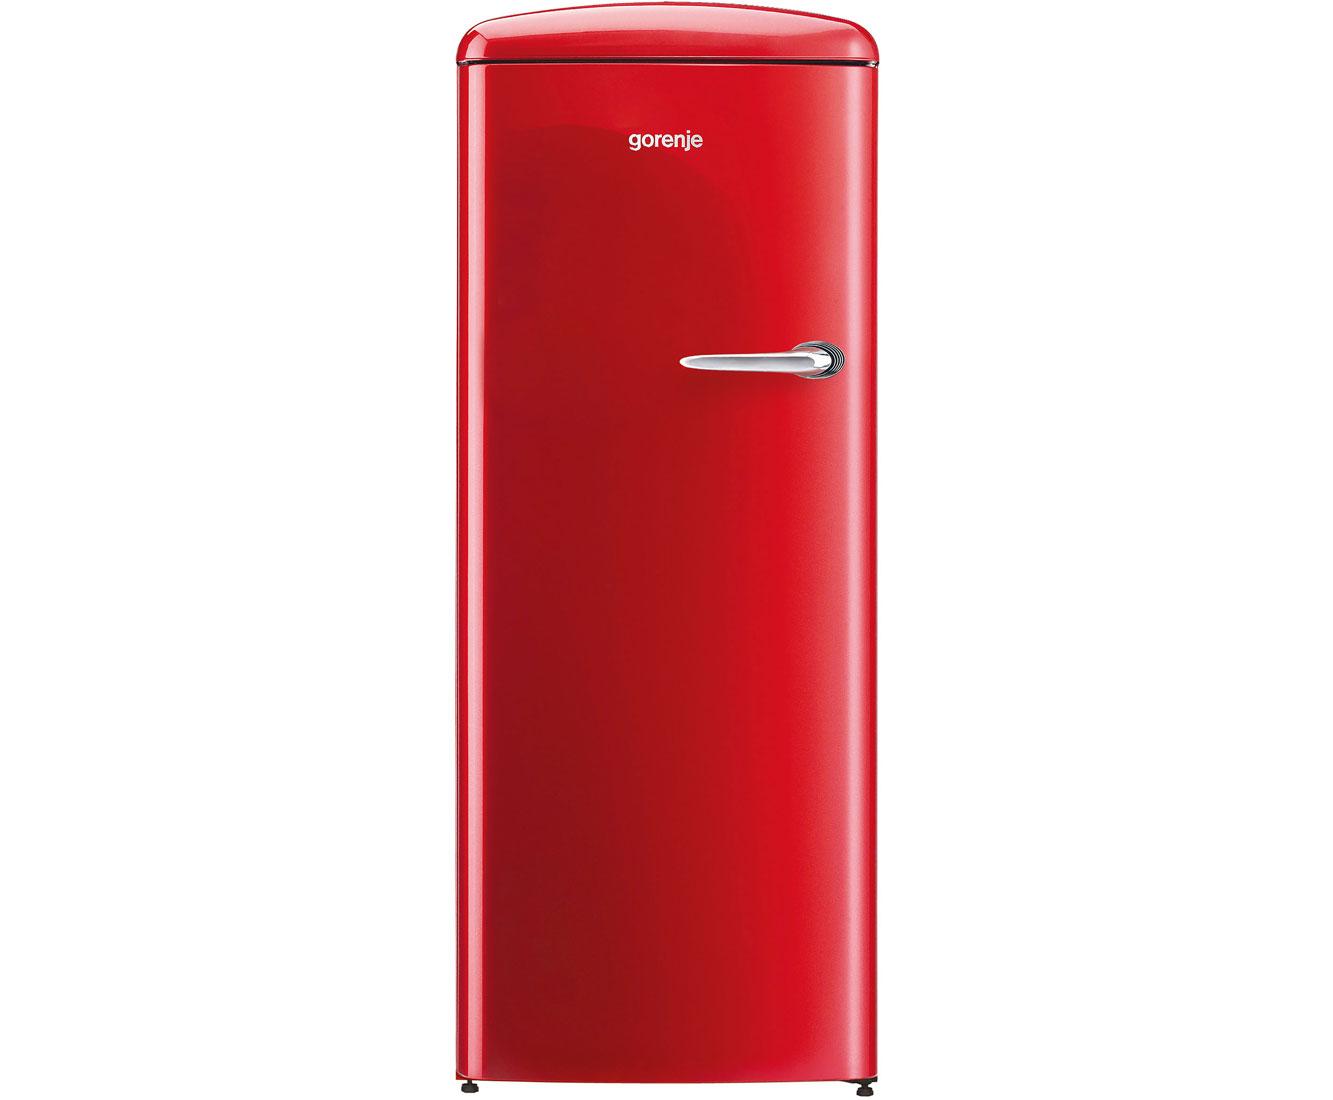 Siemens Retro Kühlschrank : Gorenje retro collection orb rd l kühlschrank mit gefrierfach